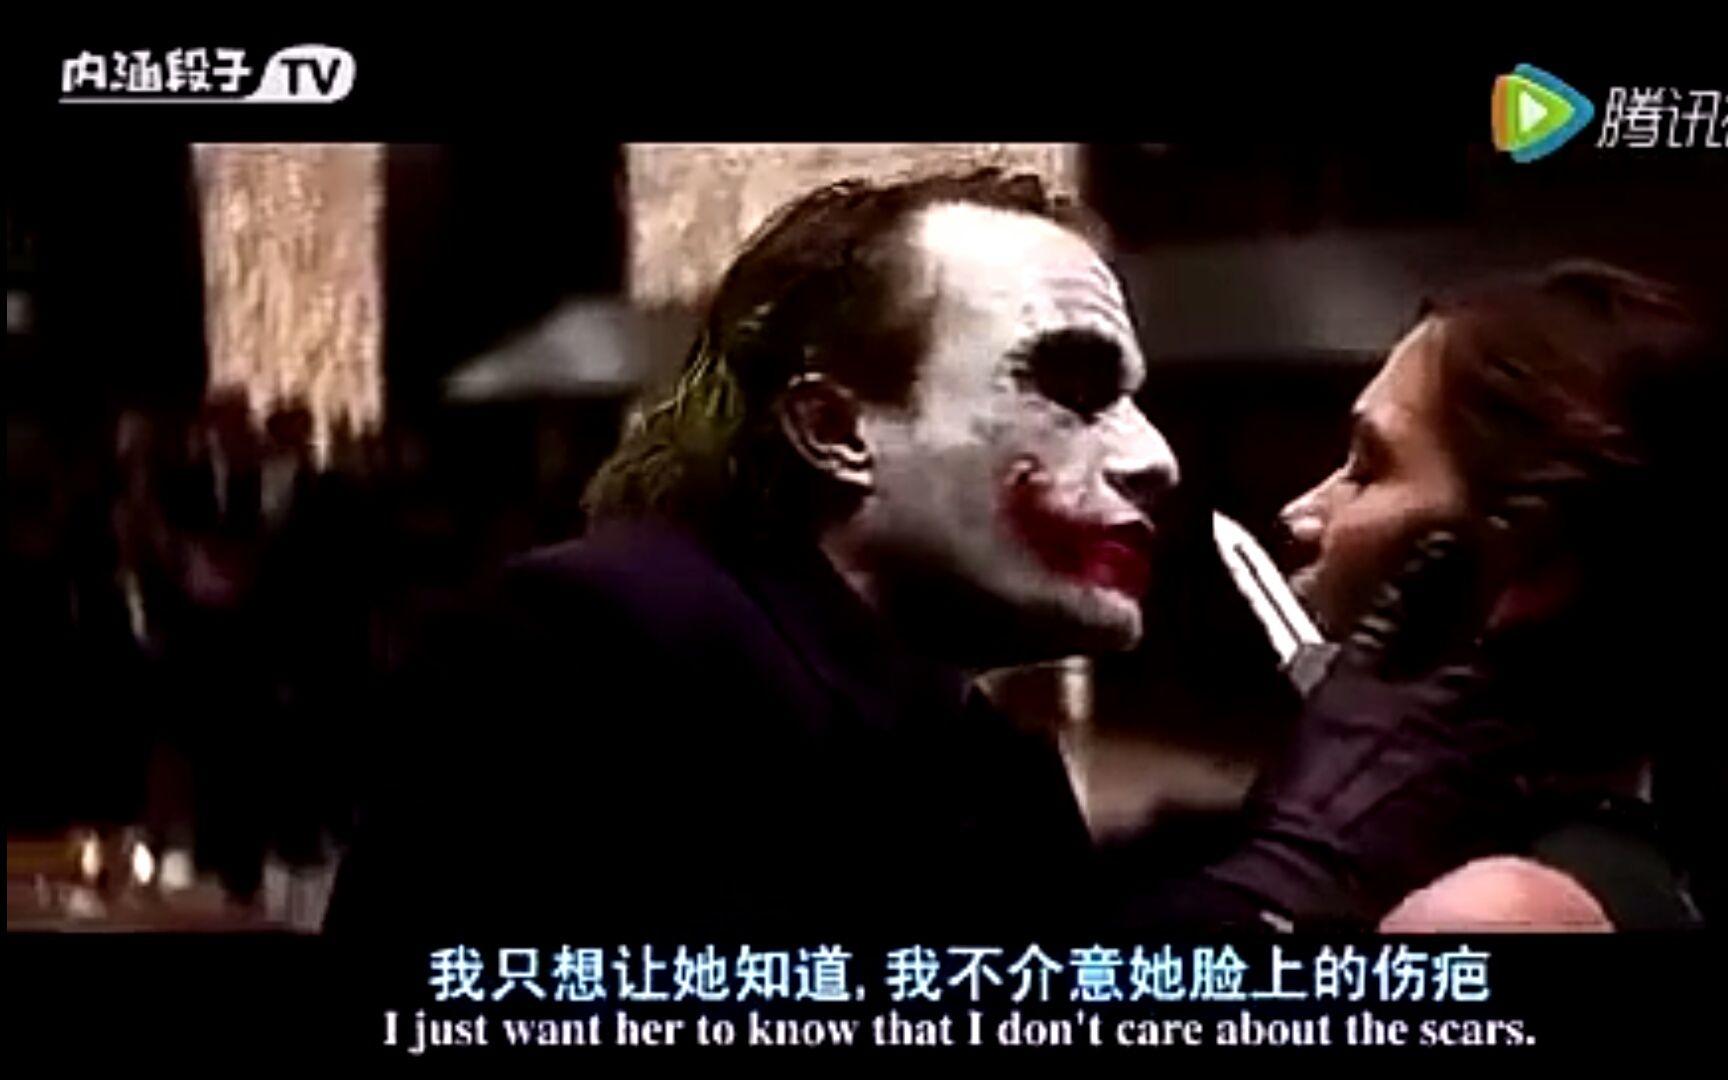 小丑希斯萊杰的全部相關視頻_bilibili_嗶哩嗶哩彈幕視頻網